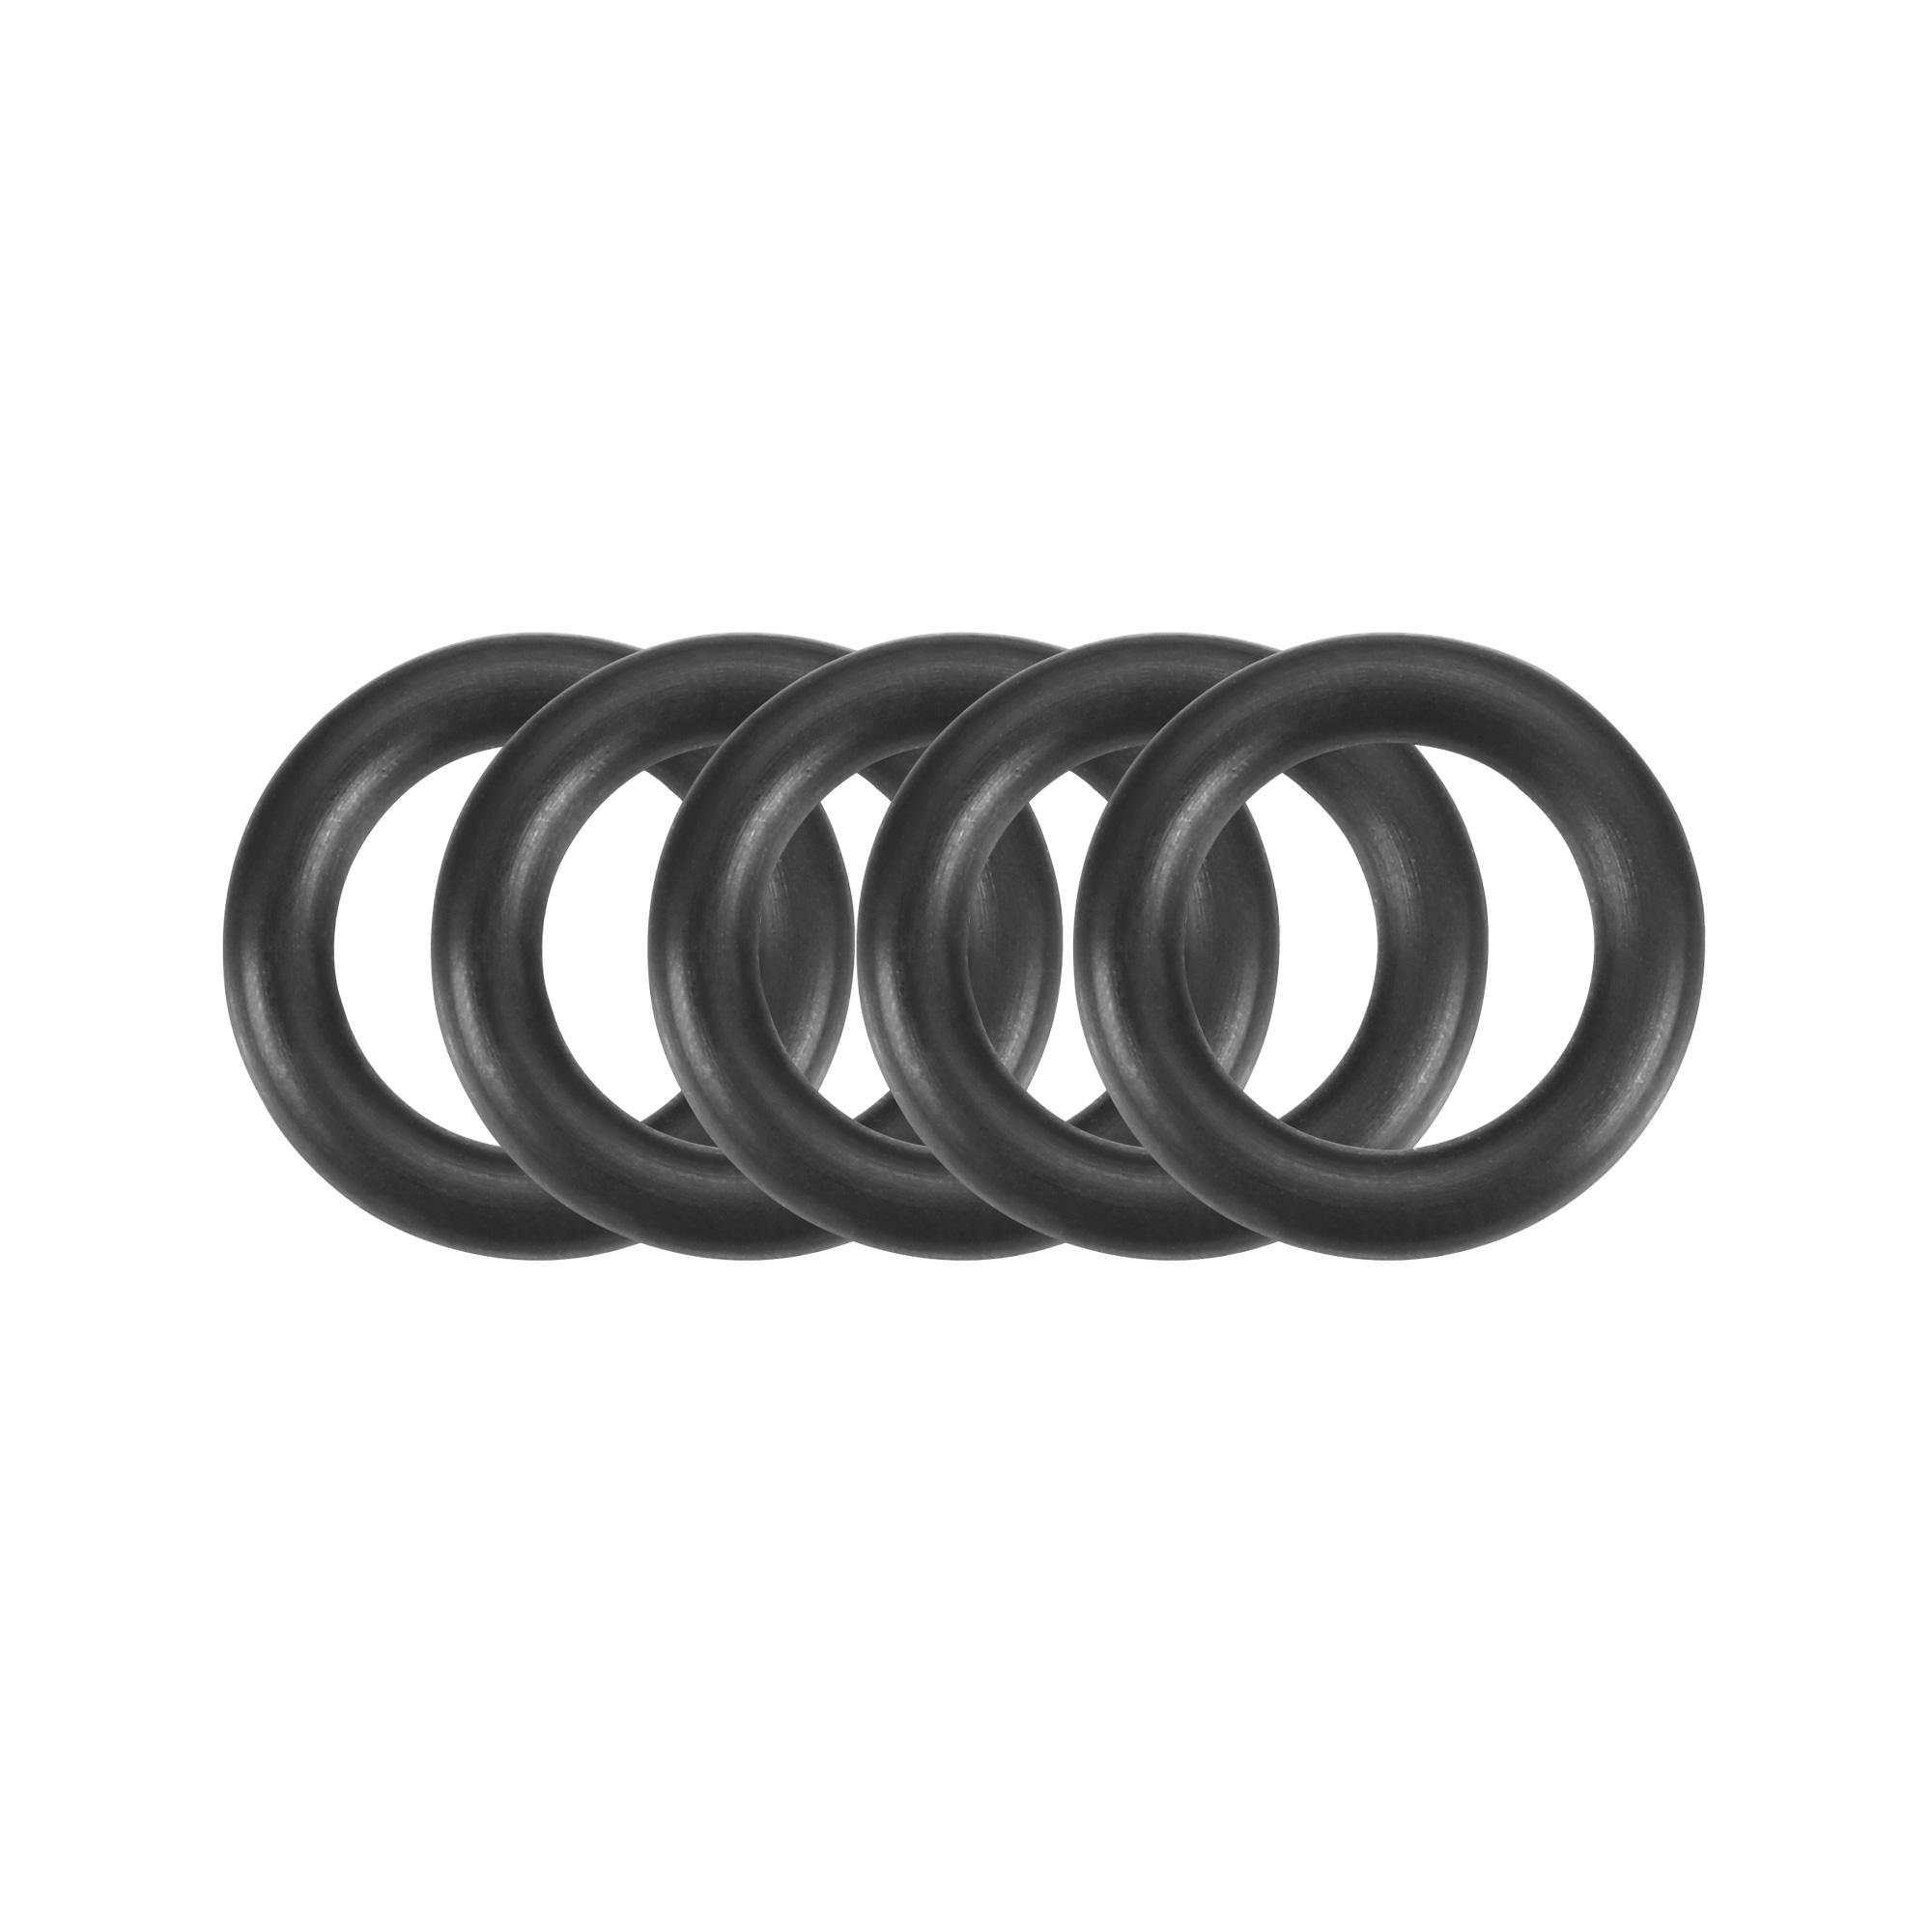 30pcs Black Nitrile Butadiene Rubber NBR O-Ring 7mm Inner Dia 2mm Width